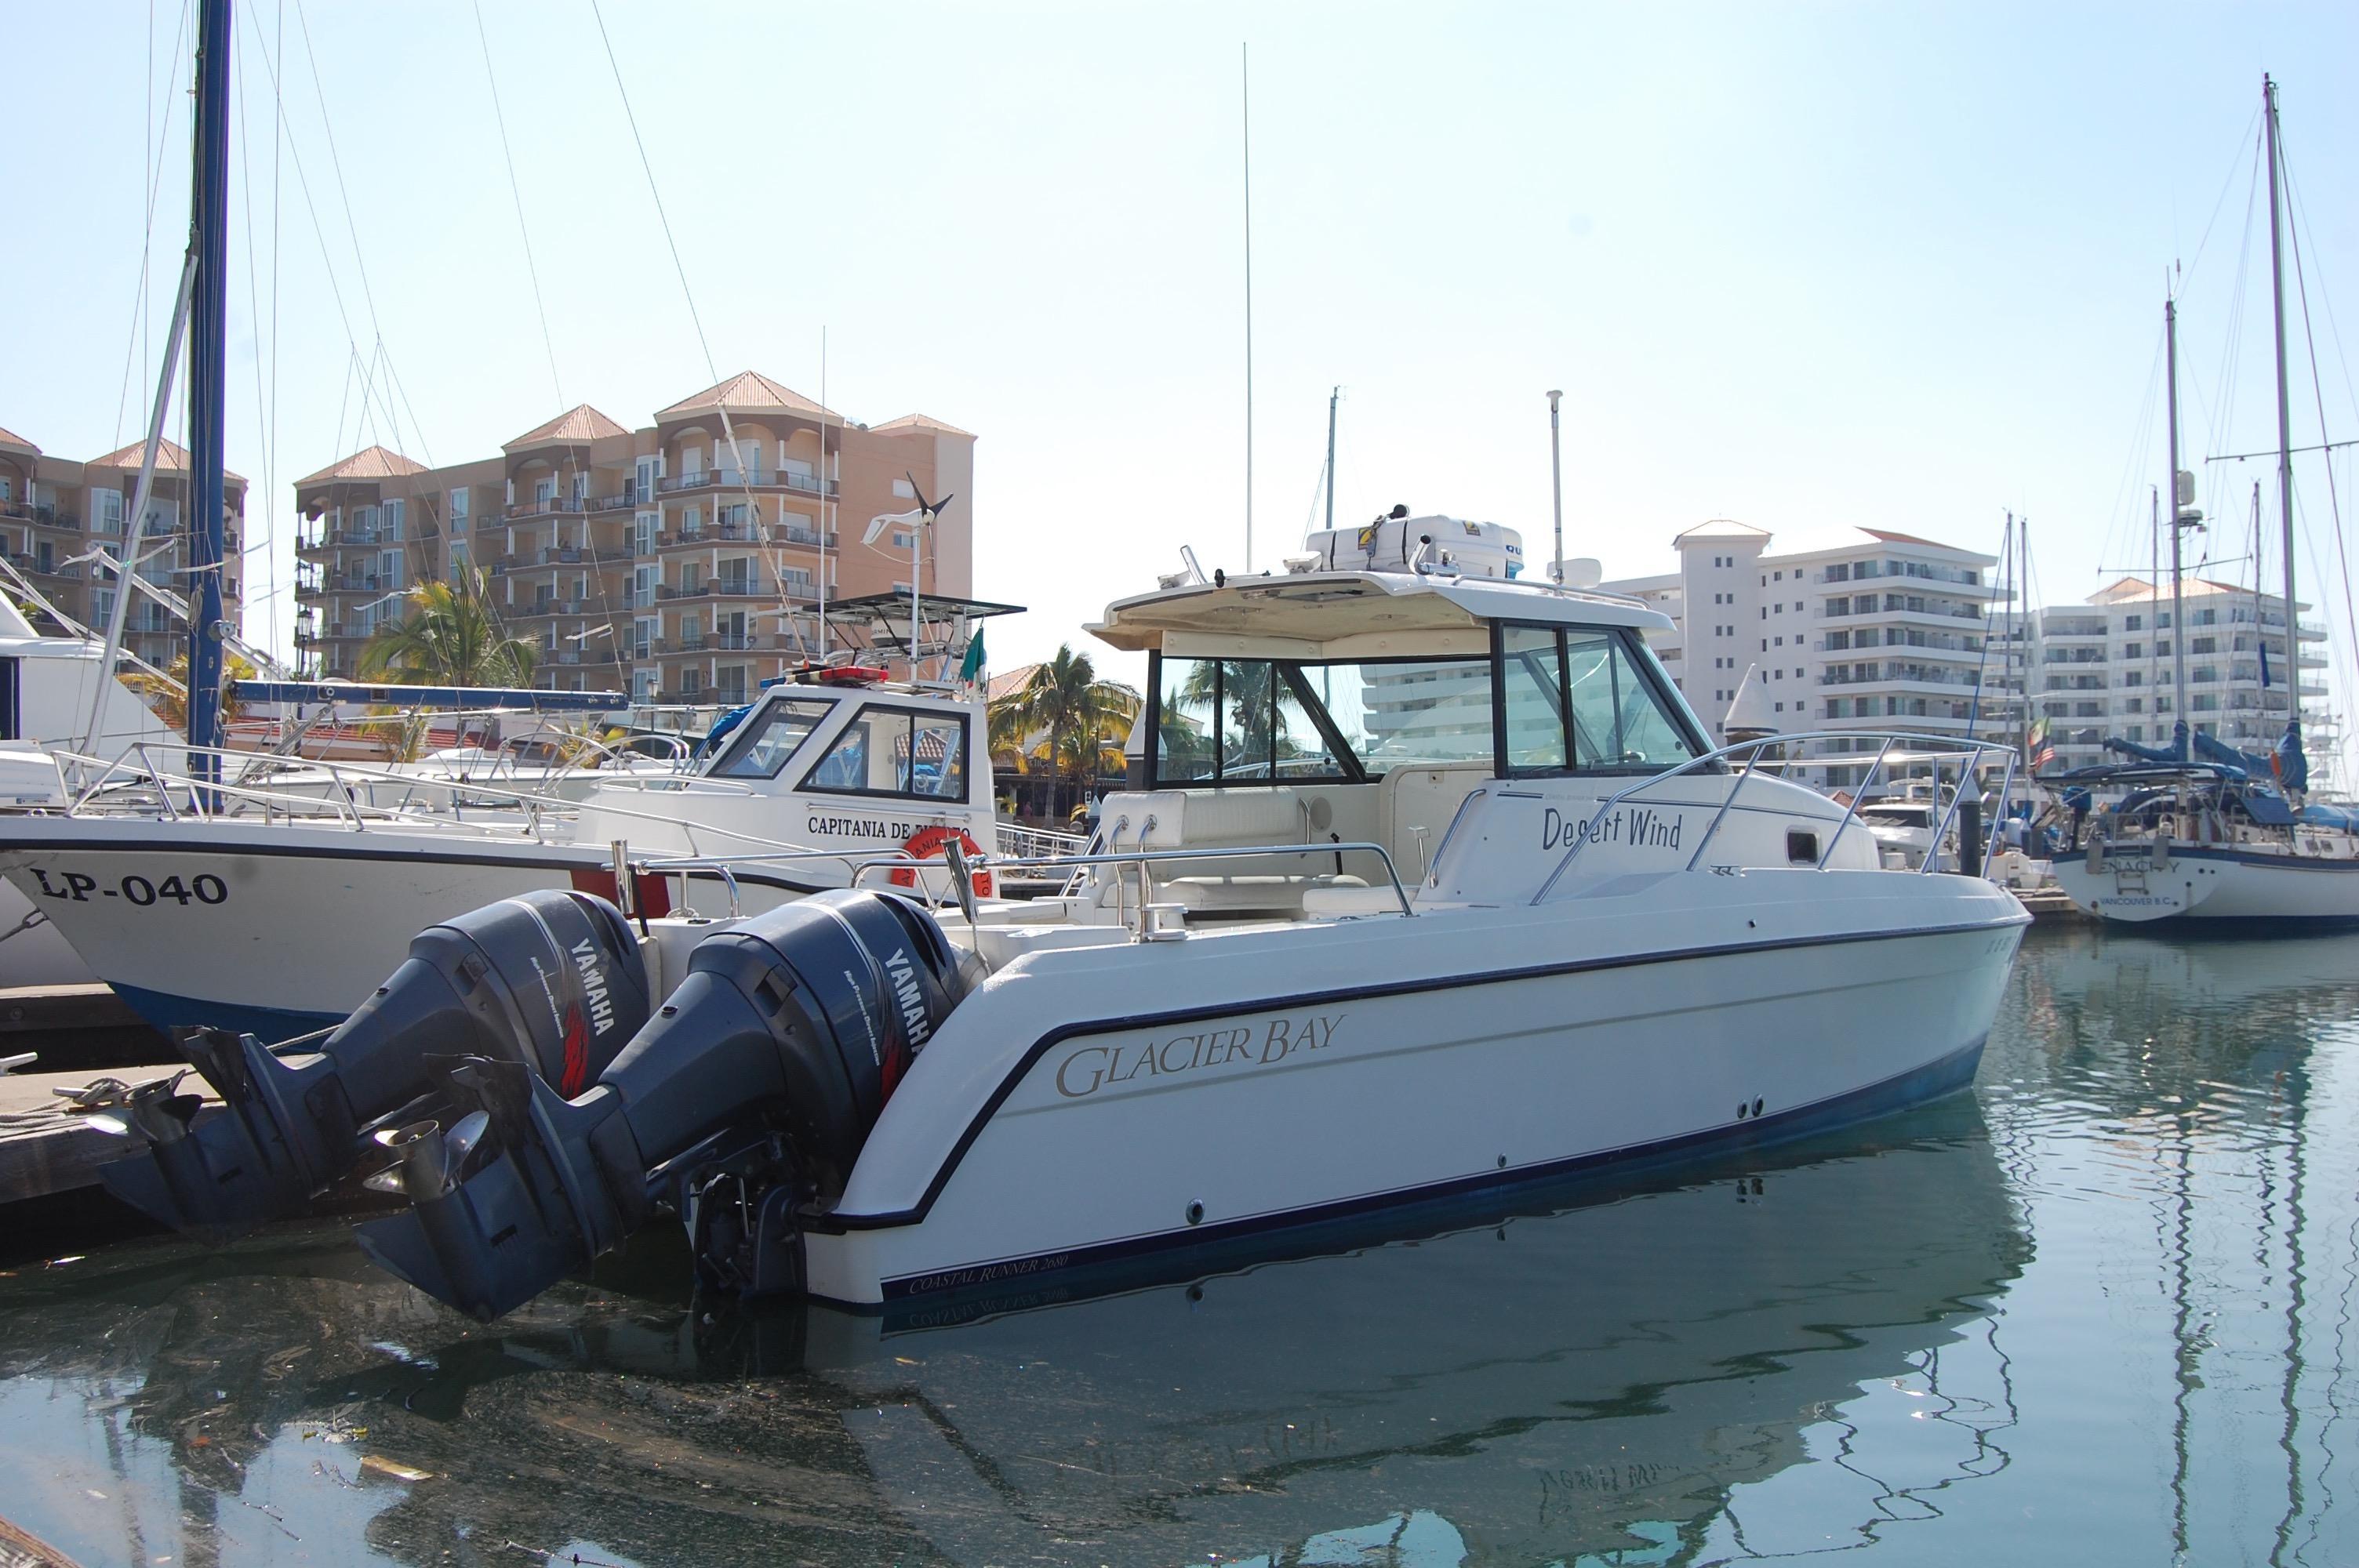 26' Glacier Bay 2680 Coastal Runner+Boat for sale!